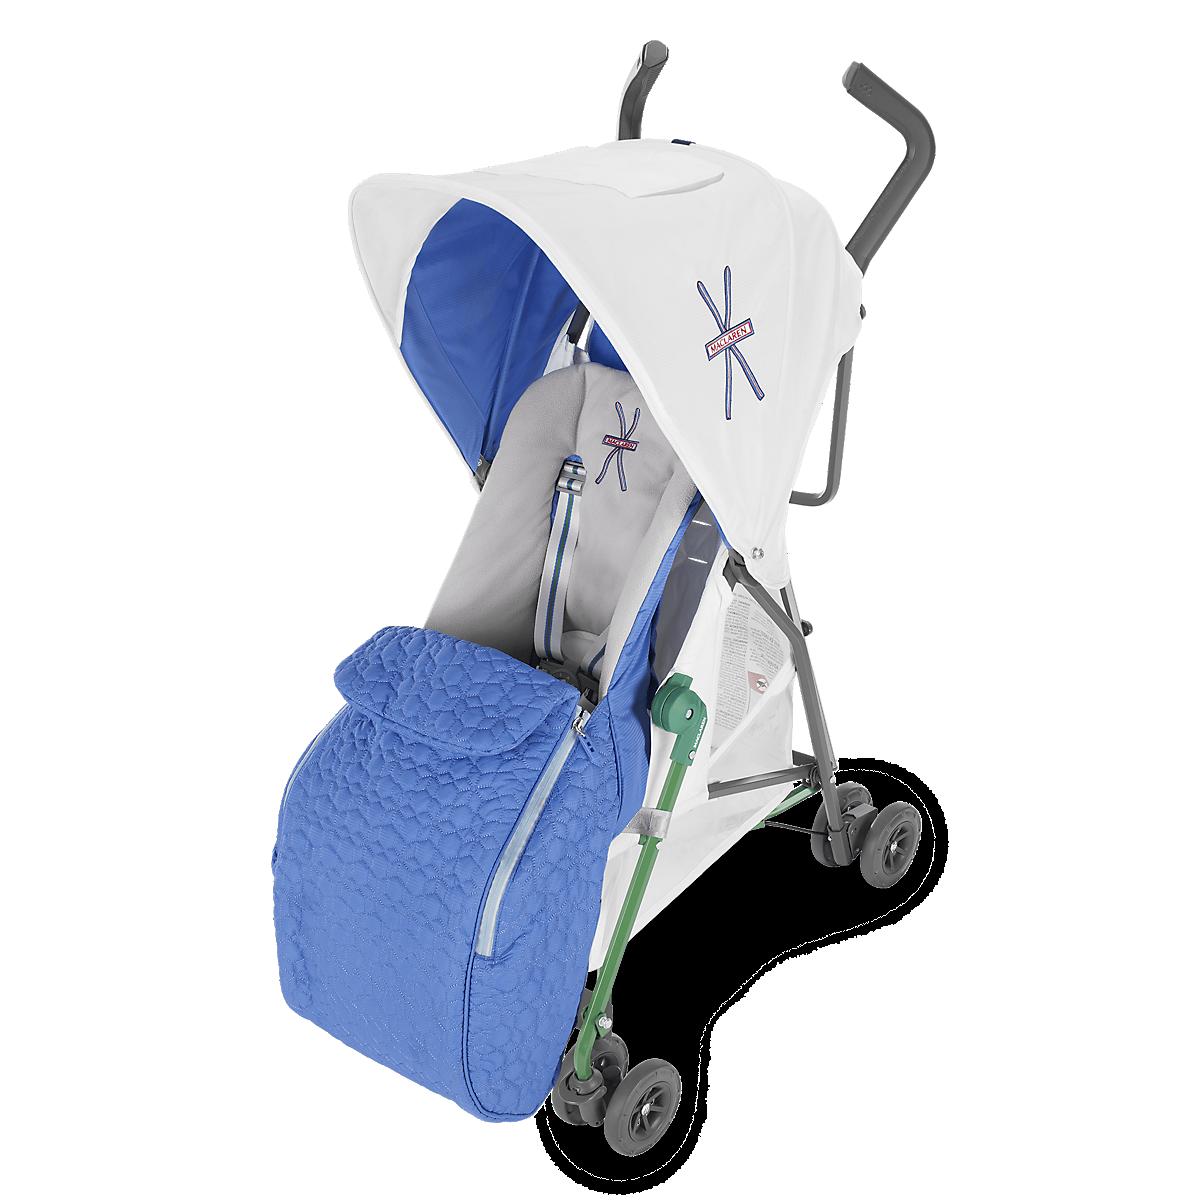 Maclaren Alpine Model Design Stroller Baby Stroller Accessories Maclaren